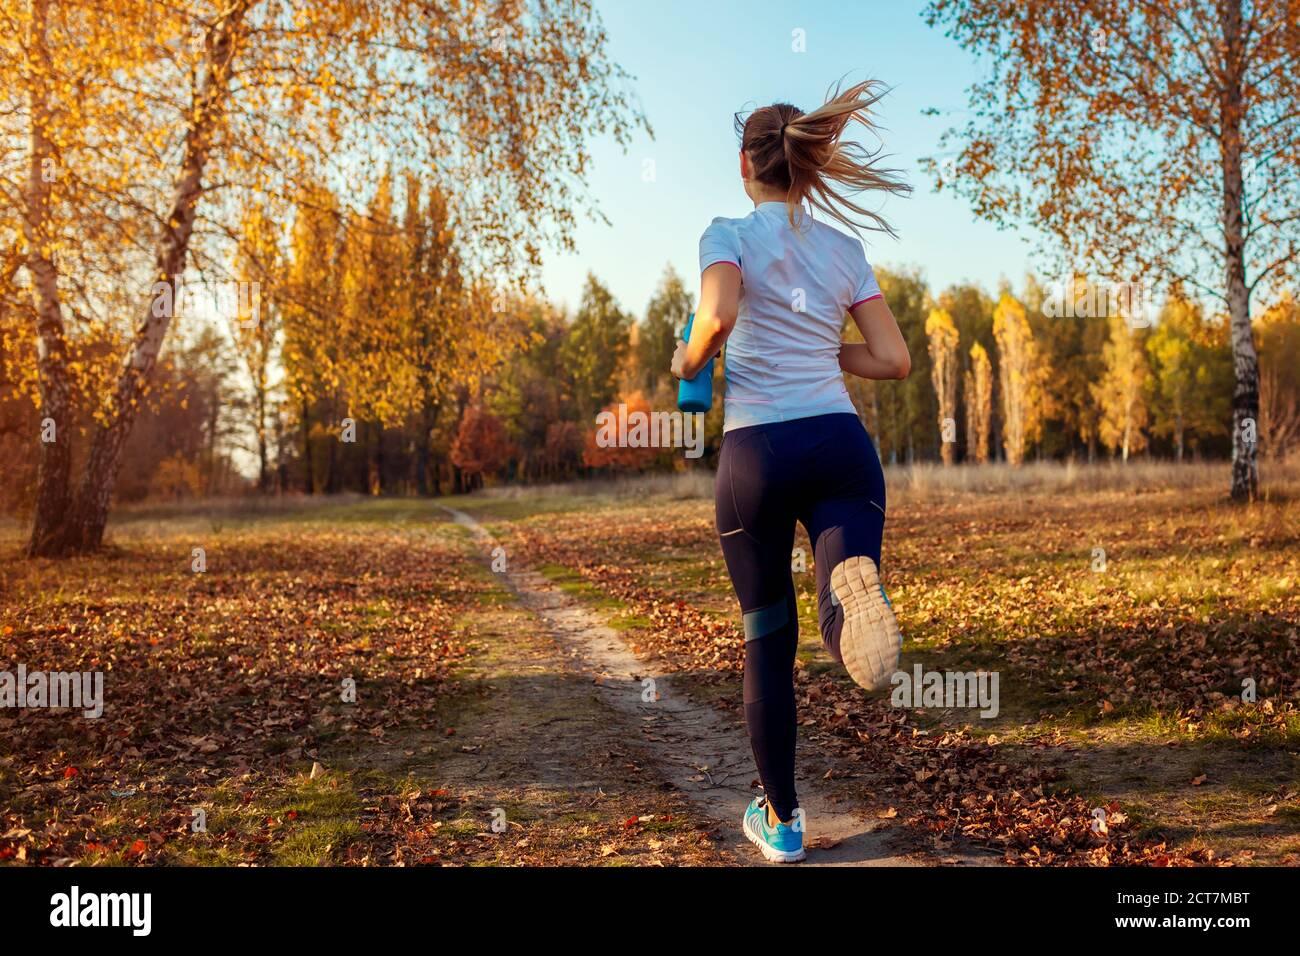 Läufertraining im Herbstpark. Junge Frau läuft bei Sonnenuntergang in sportlicher Kleidung. Aktiver Lebensstil. Rückansicht Stockfoto